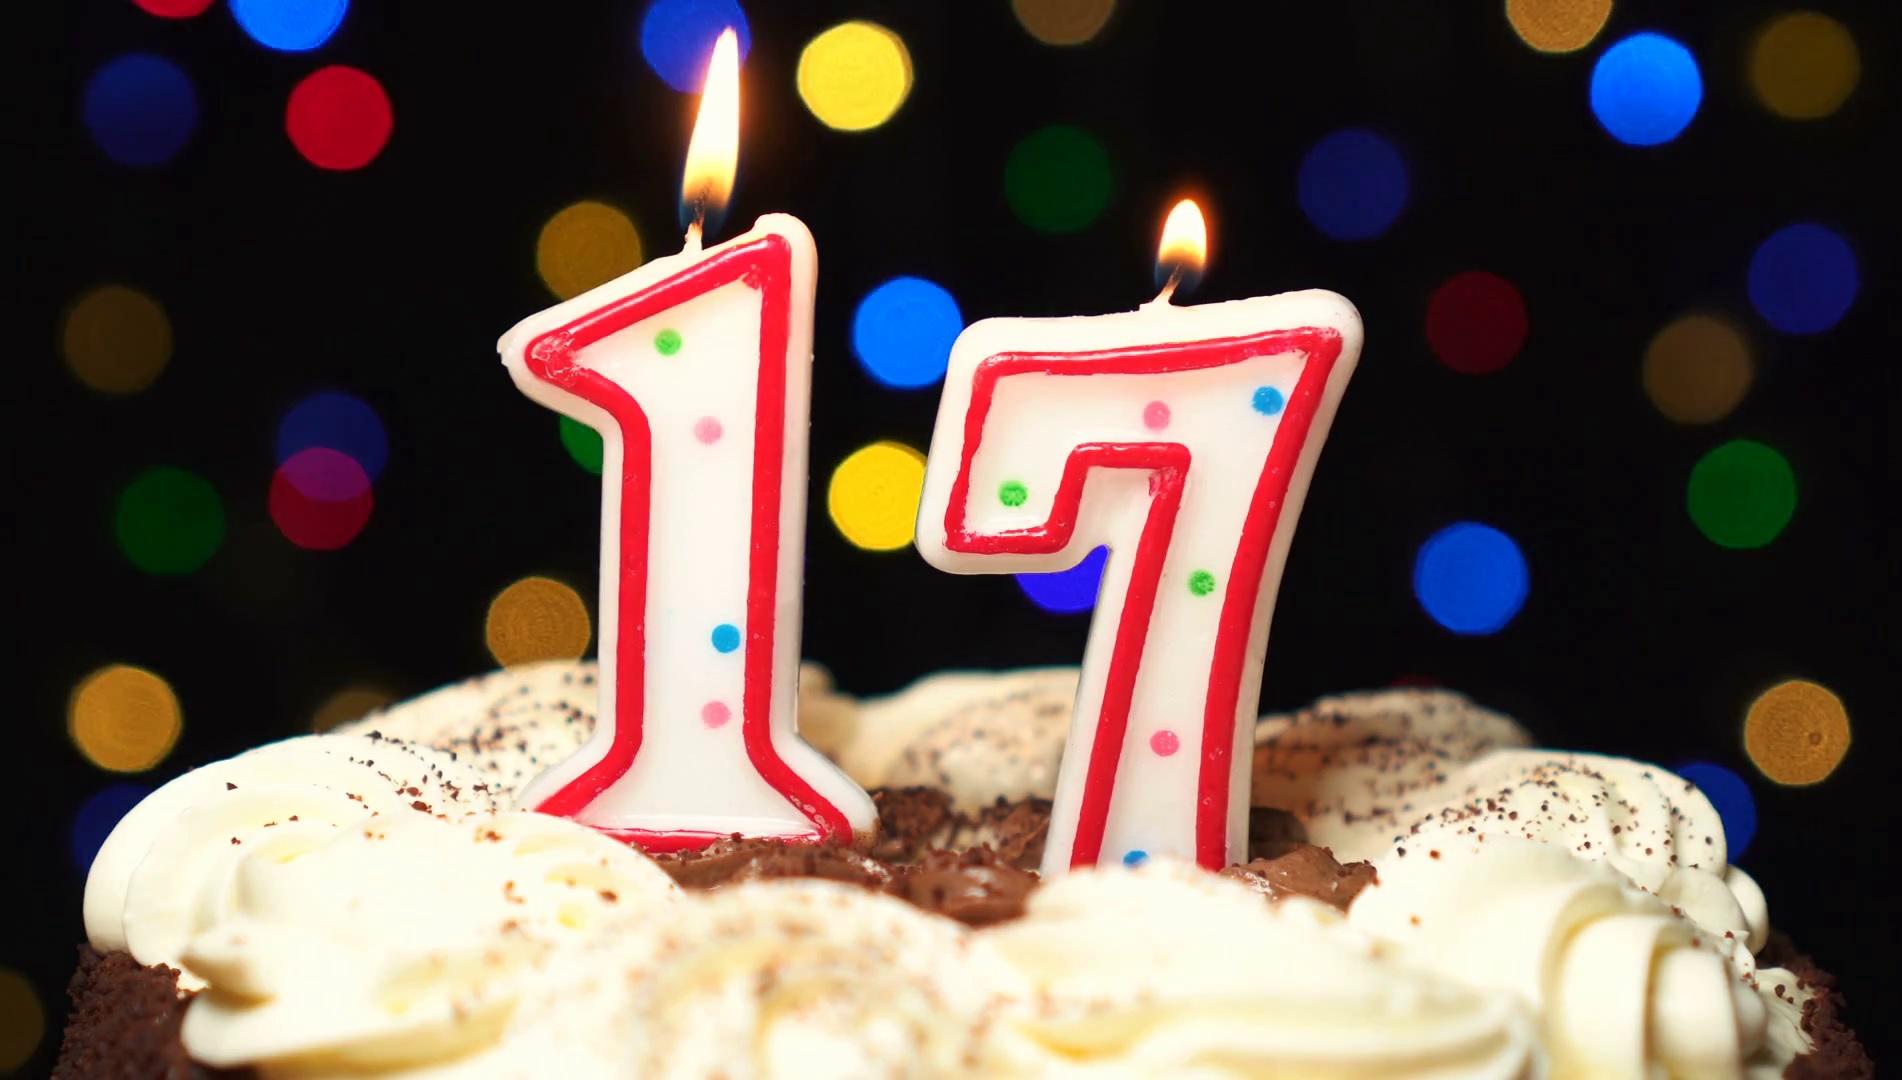 17 лет поздравления картинки